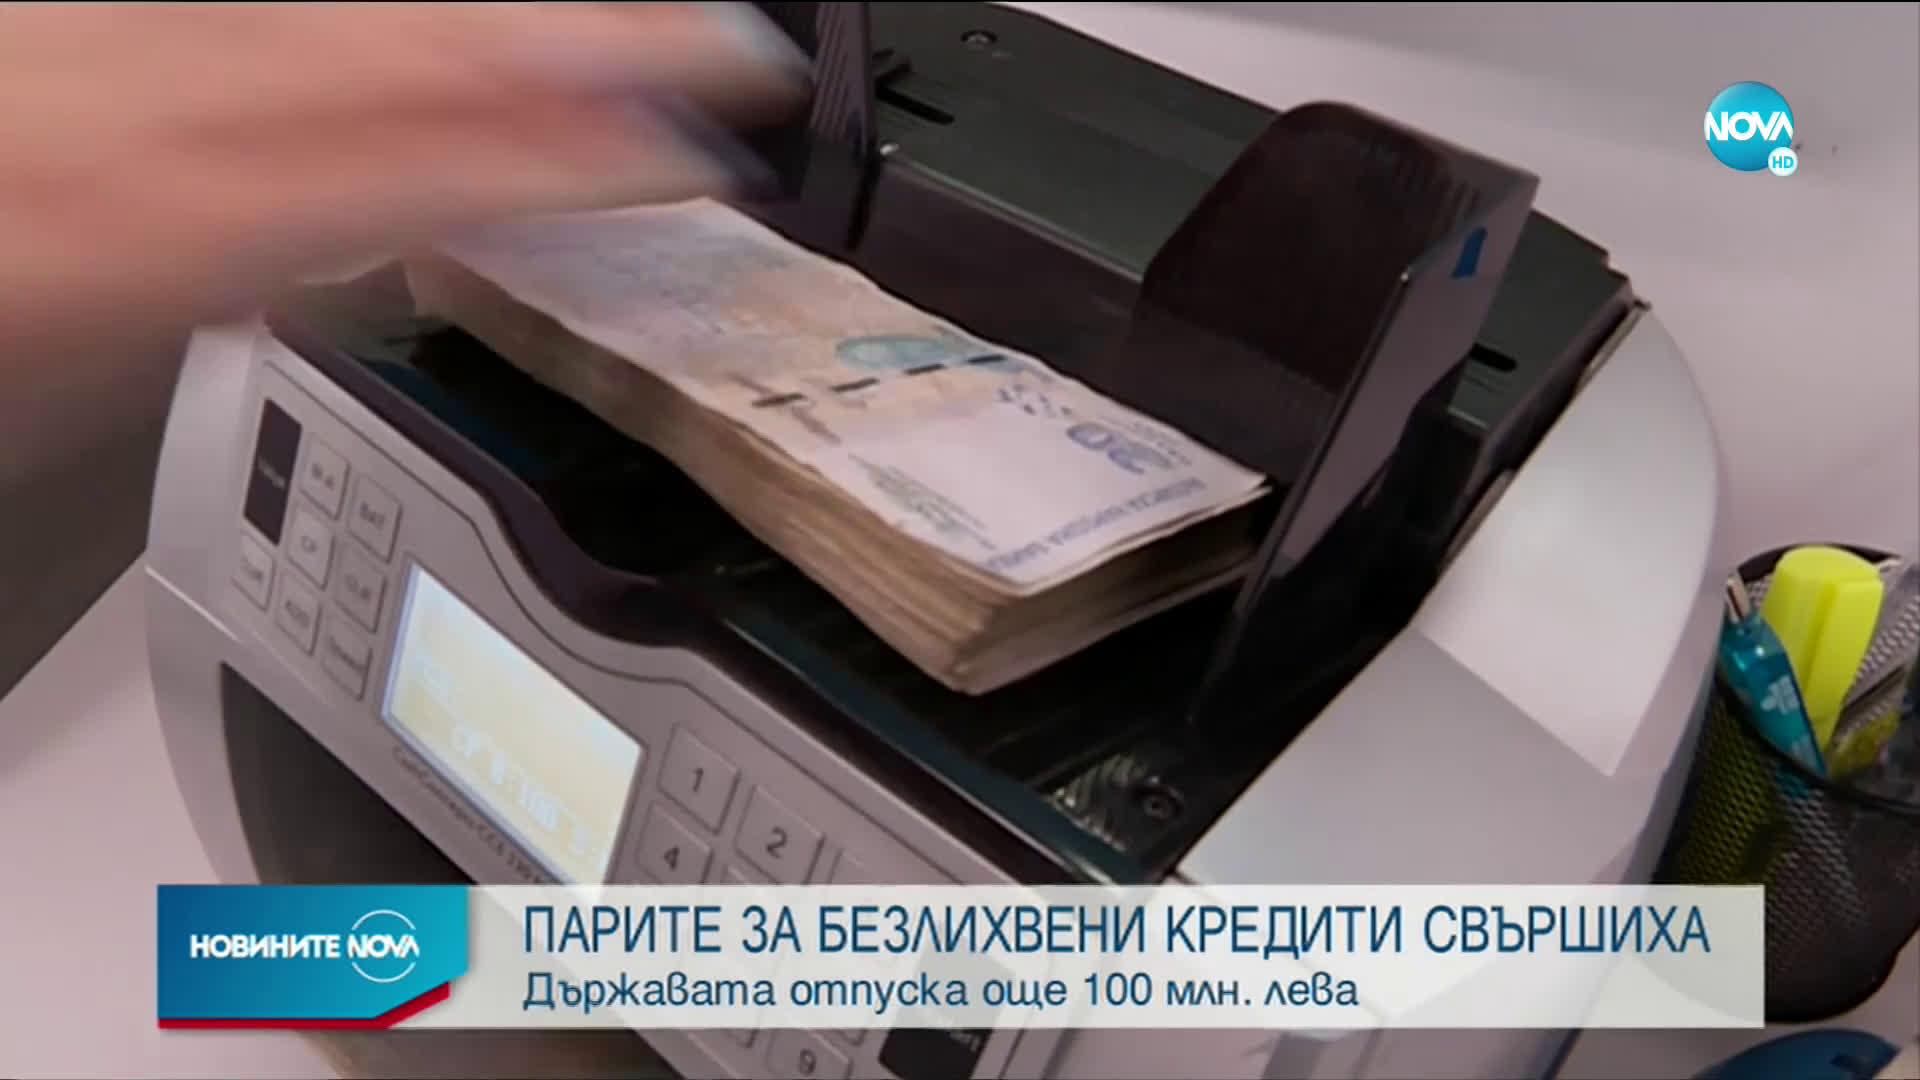 Държавата отпуска още 100 млн. лв. за безлихвени кредити